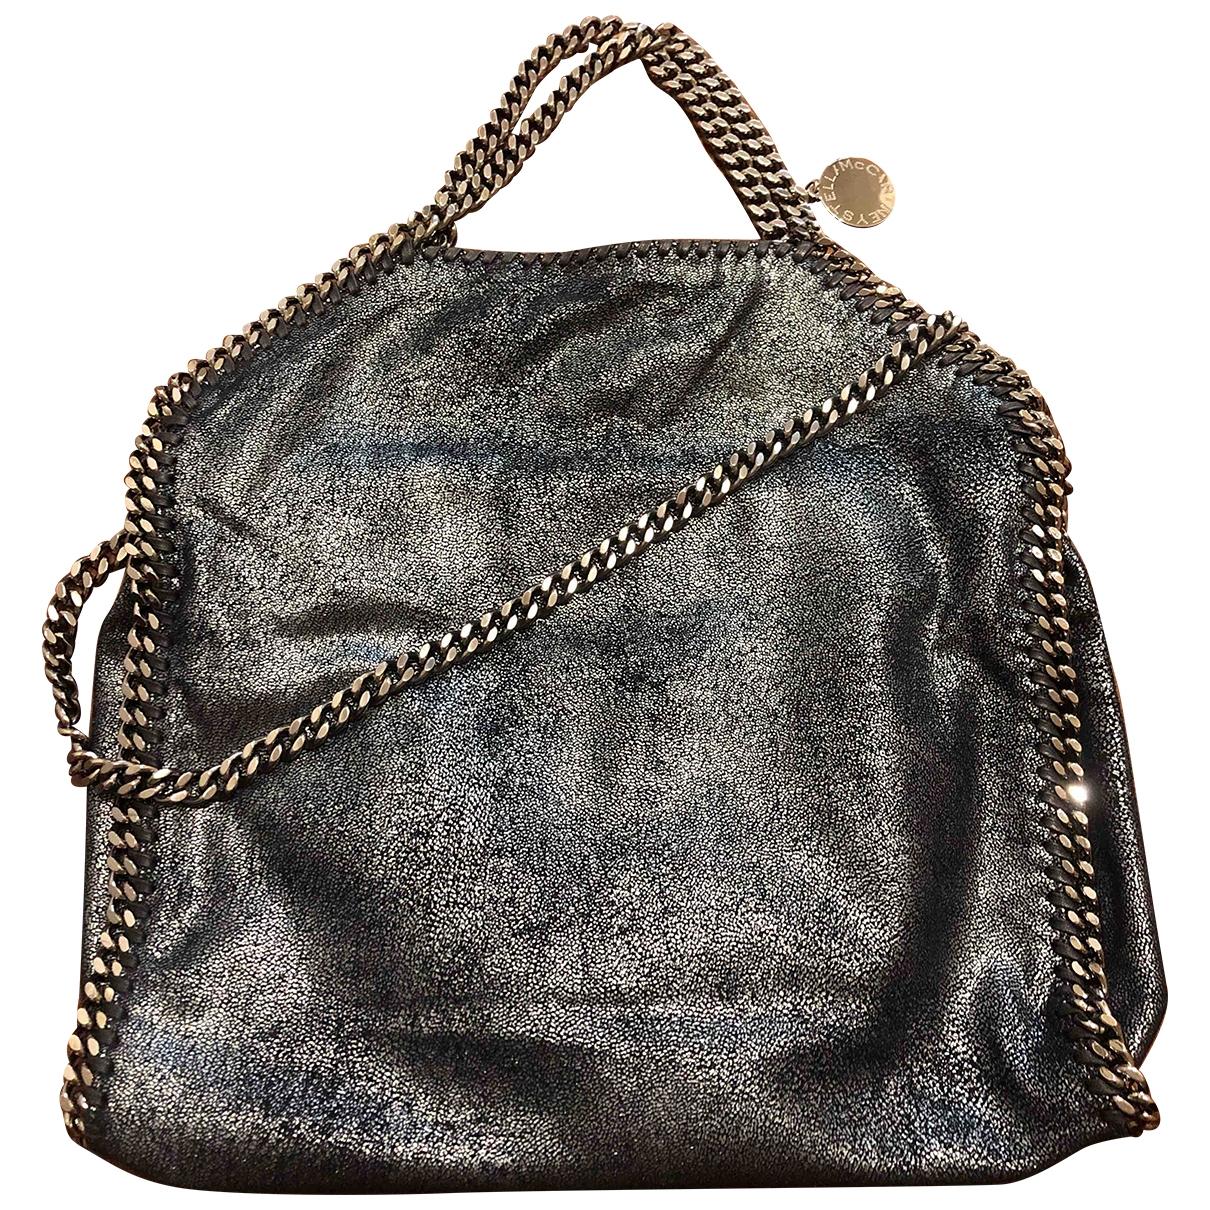 Stella Mccartney Falabella Handtasche in  Blau Leinen